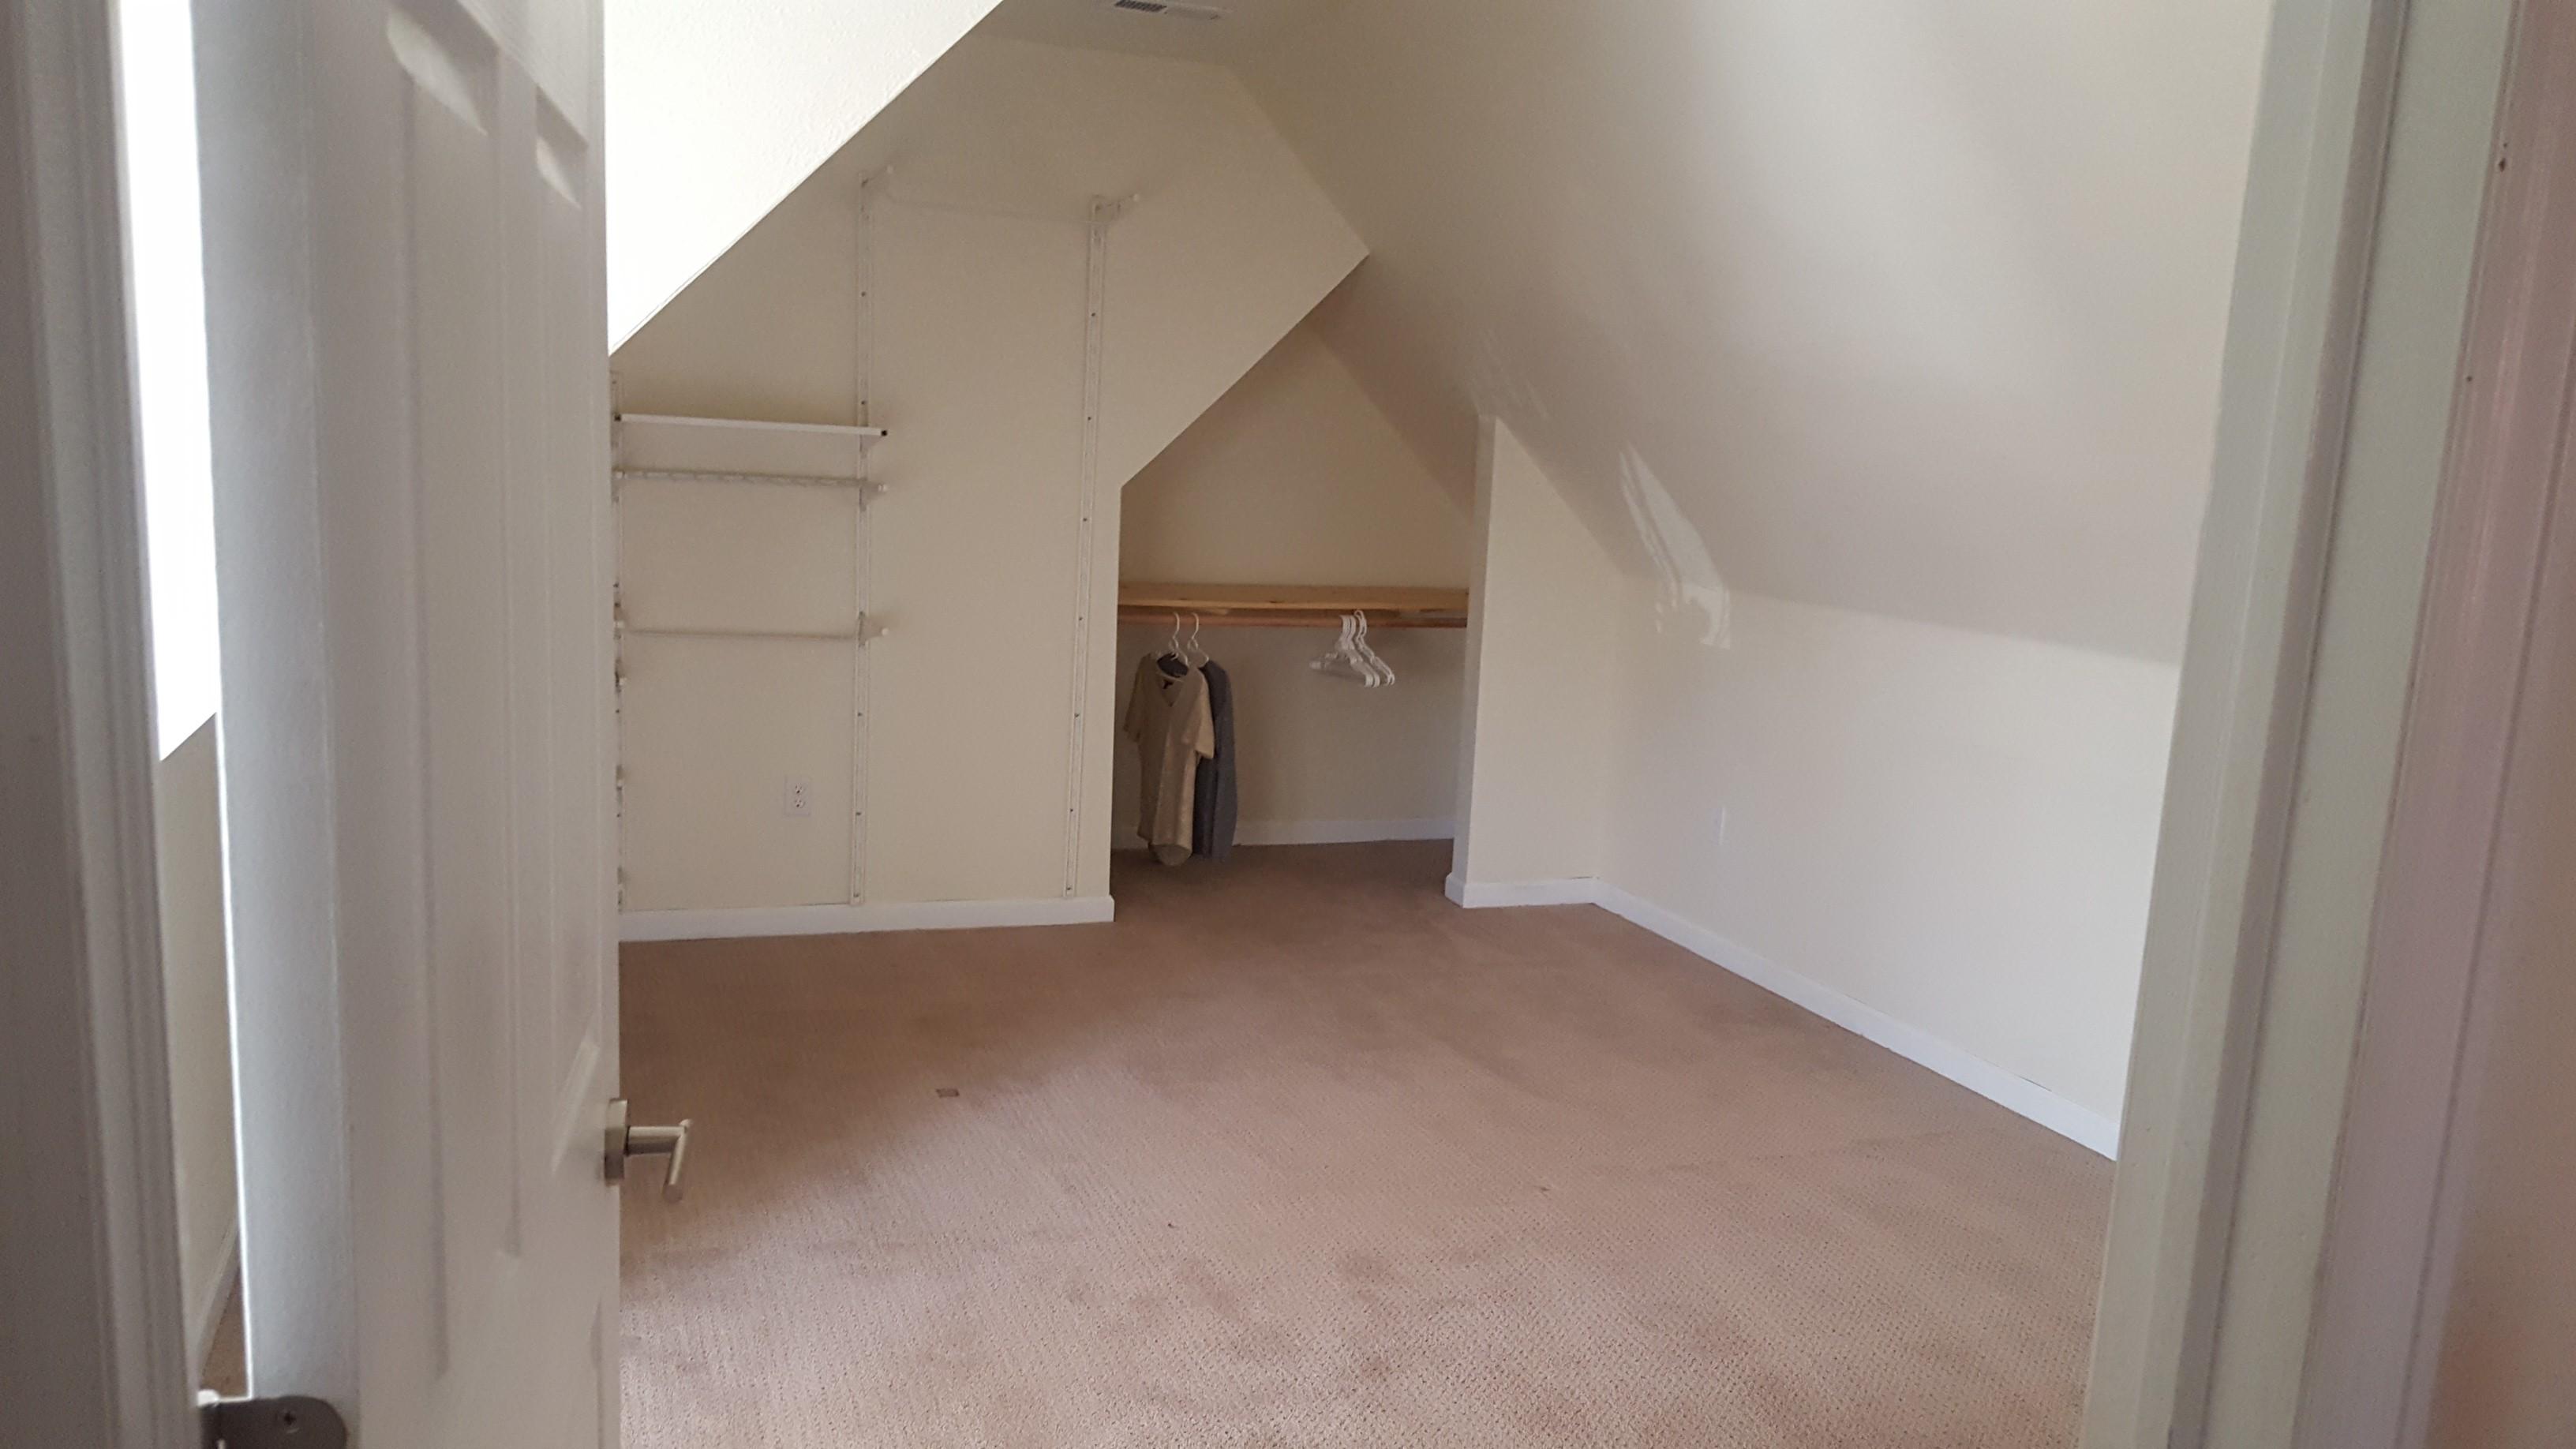 3047 North Marion Street Denver Co 80205 1 Bedroom House For Rent For 800 Month Zumper